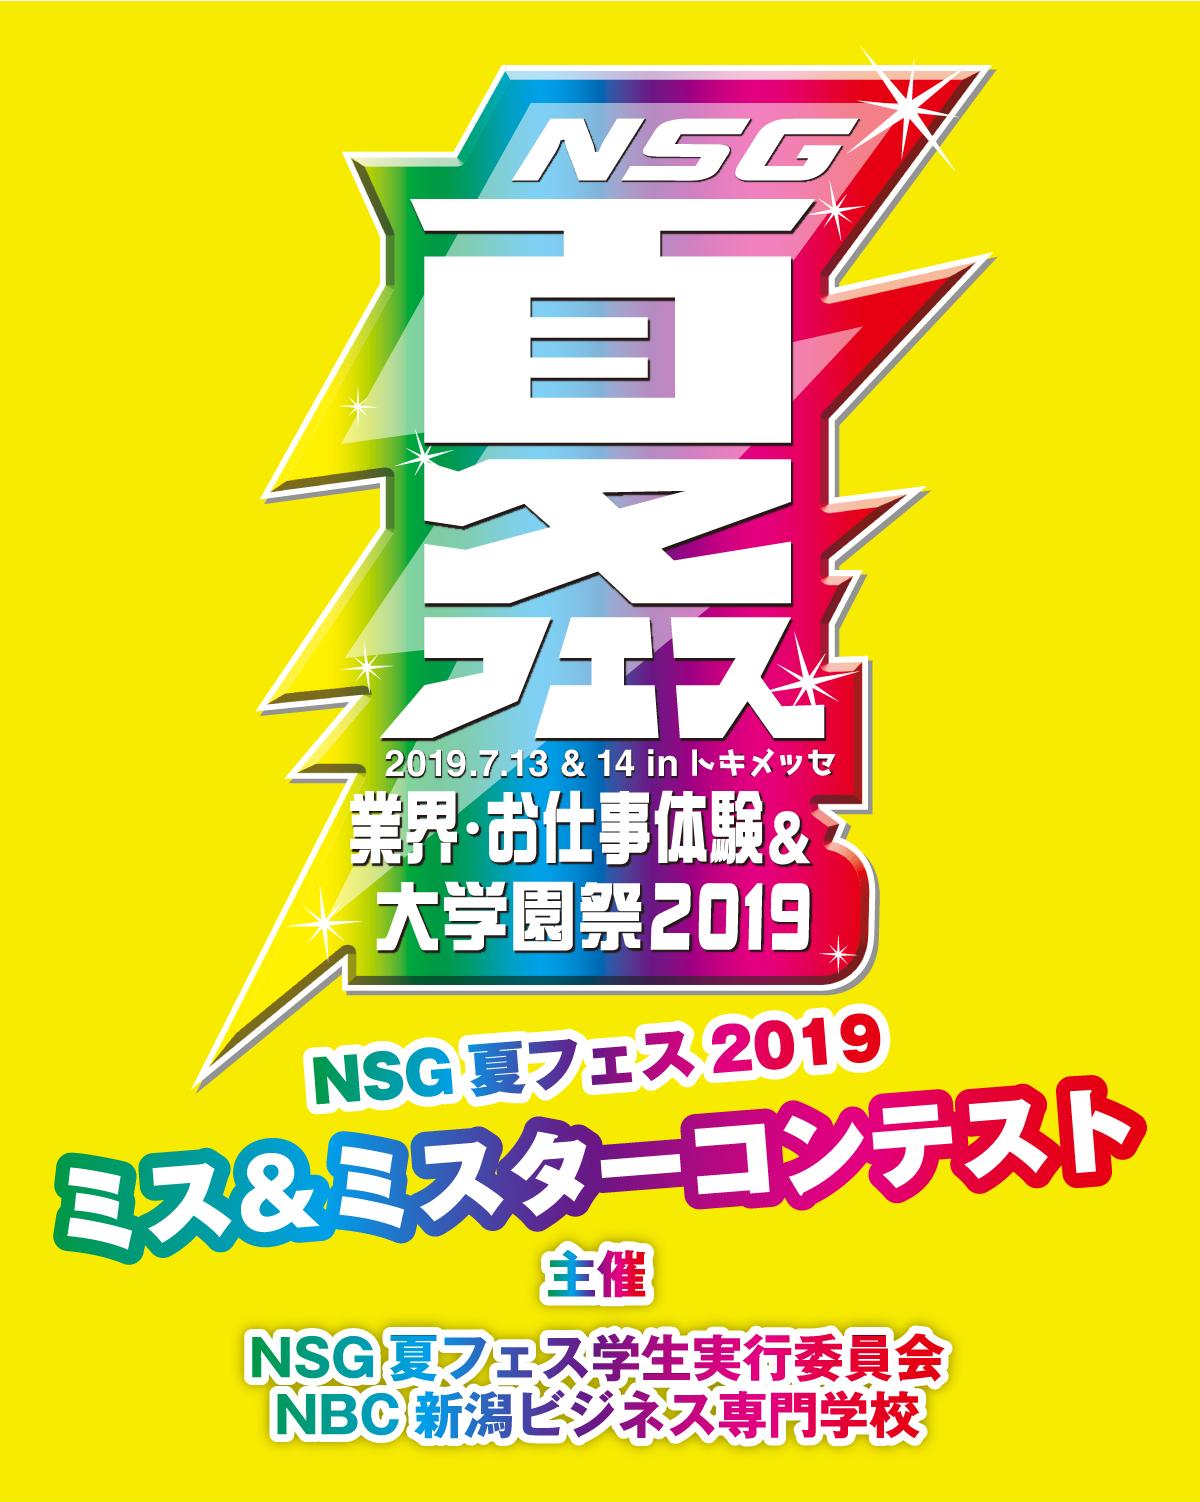 nsg 夏フェス ミス&ミスターコンテスト2018 主催 夏フェス学生実行委員会 NBC新潟ビジネス専門学校